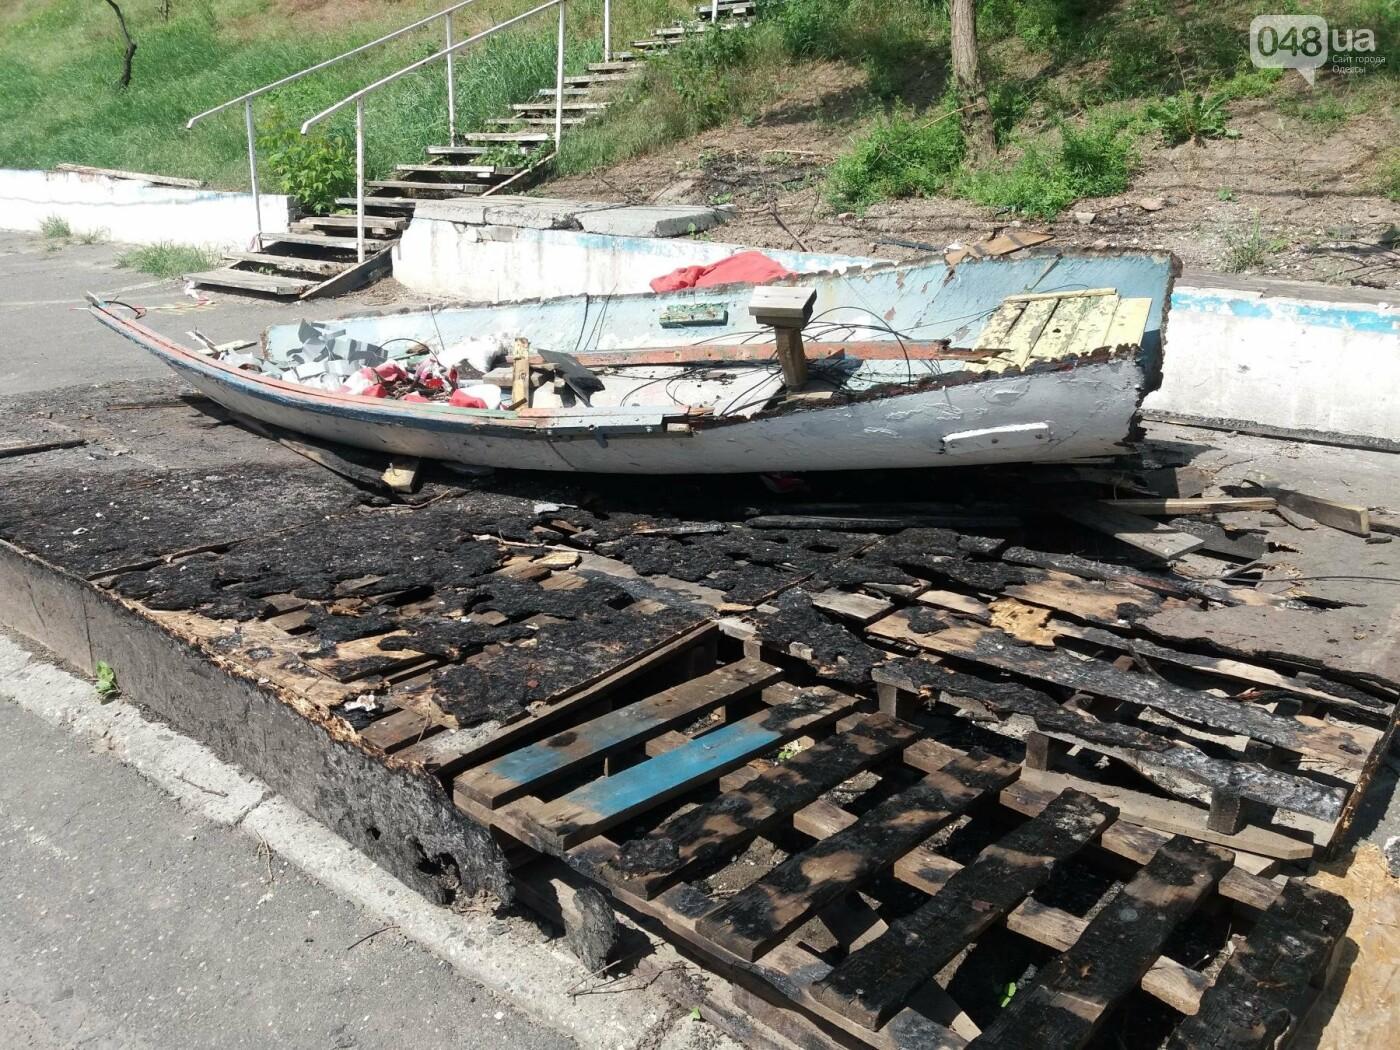 Останки сгоревшего на одесском пляже ресторана не спешат убирать, - ФОТО, фото-11